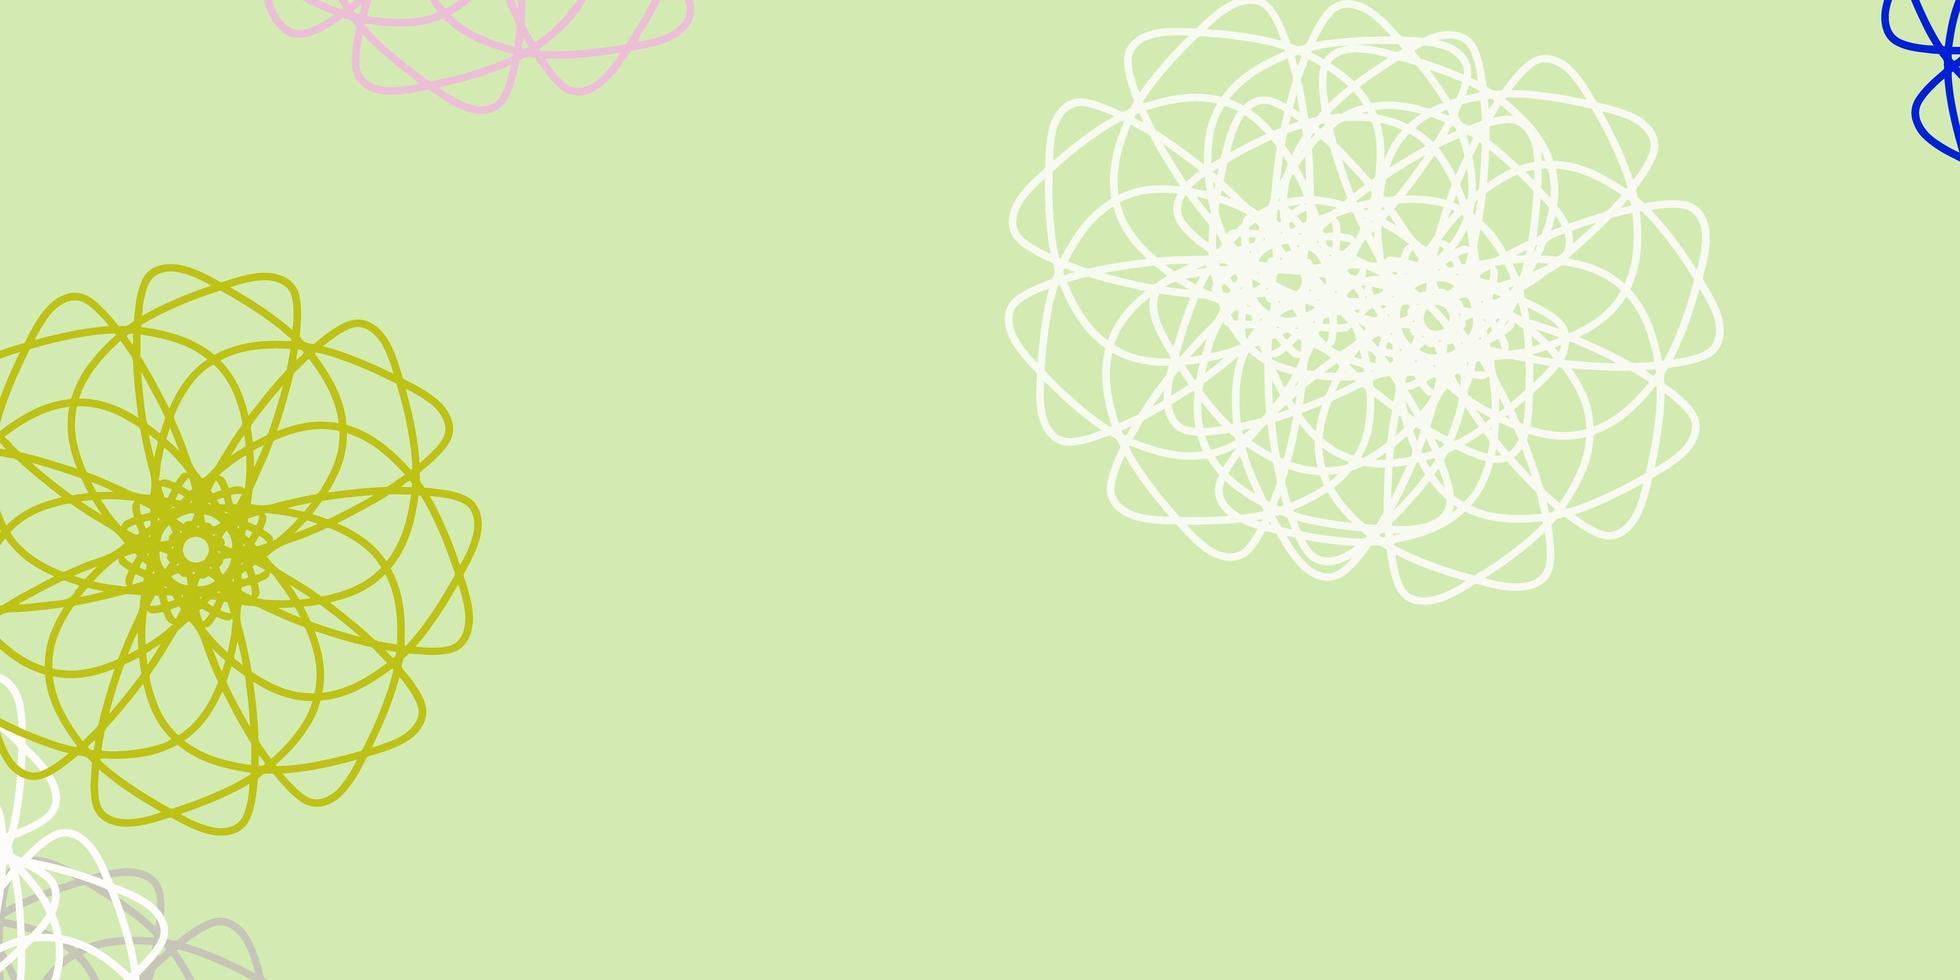 ljus flerfärgad vektor doodle konsistens med blommor.